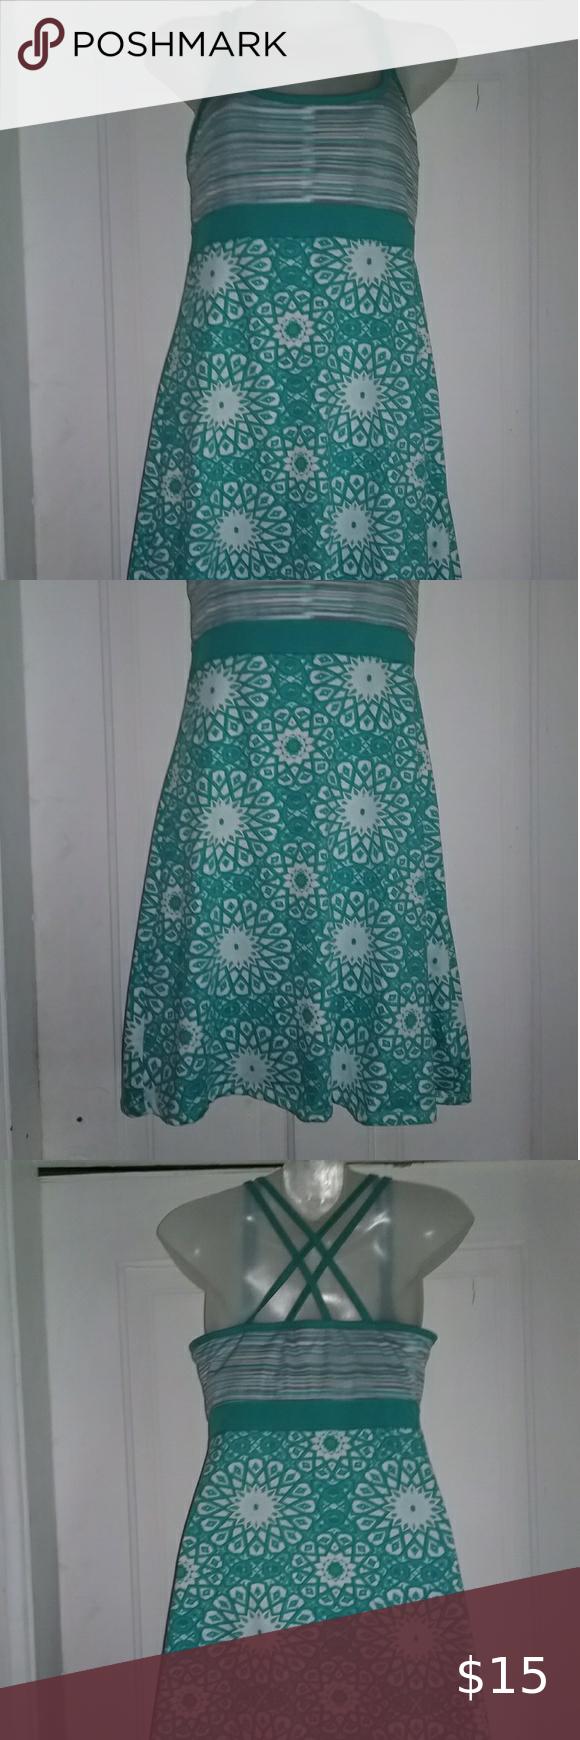 Lola Dress Cute Summer Dresses Dresses Clothes Design [ 1740 x 580 Pixel ]